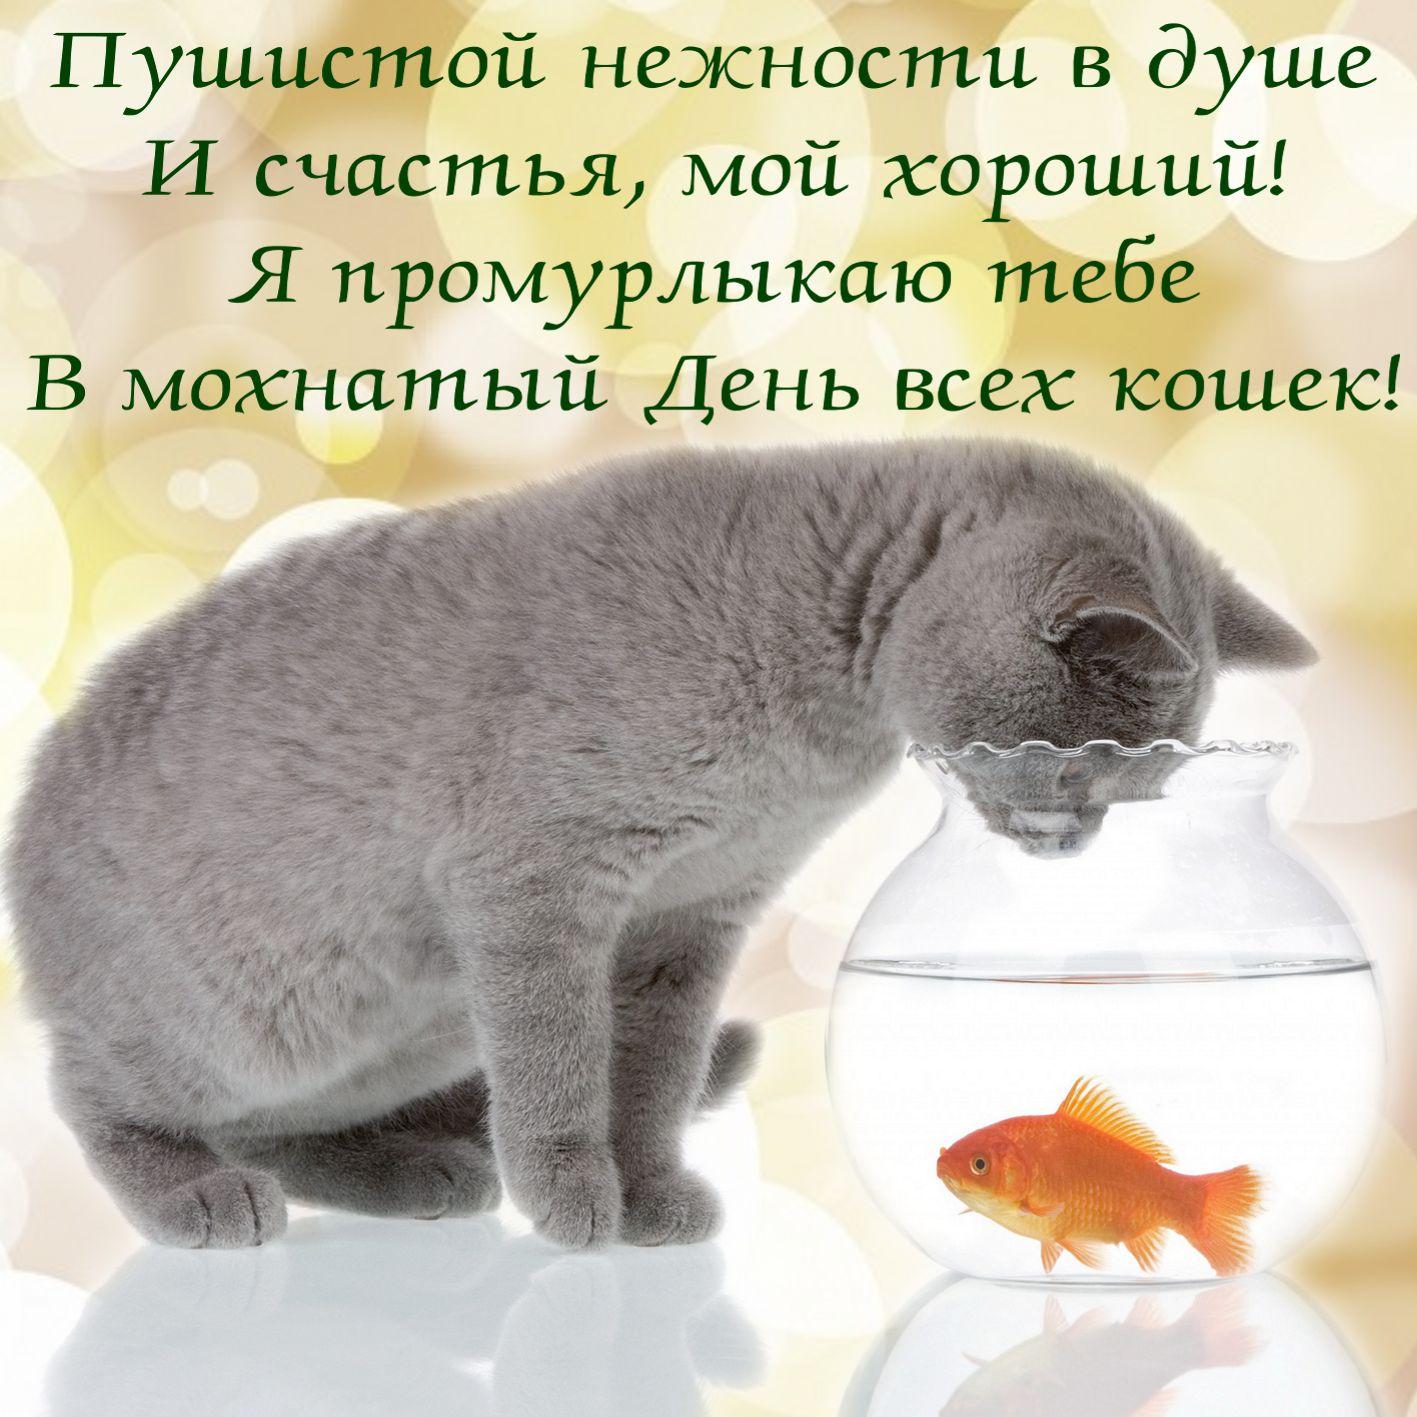 Открытка на День кошек - серый котик и золотая рыбка в аквариуме